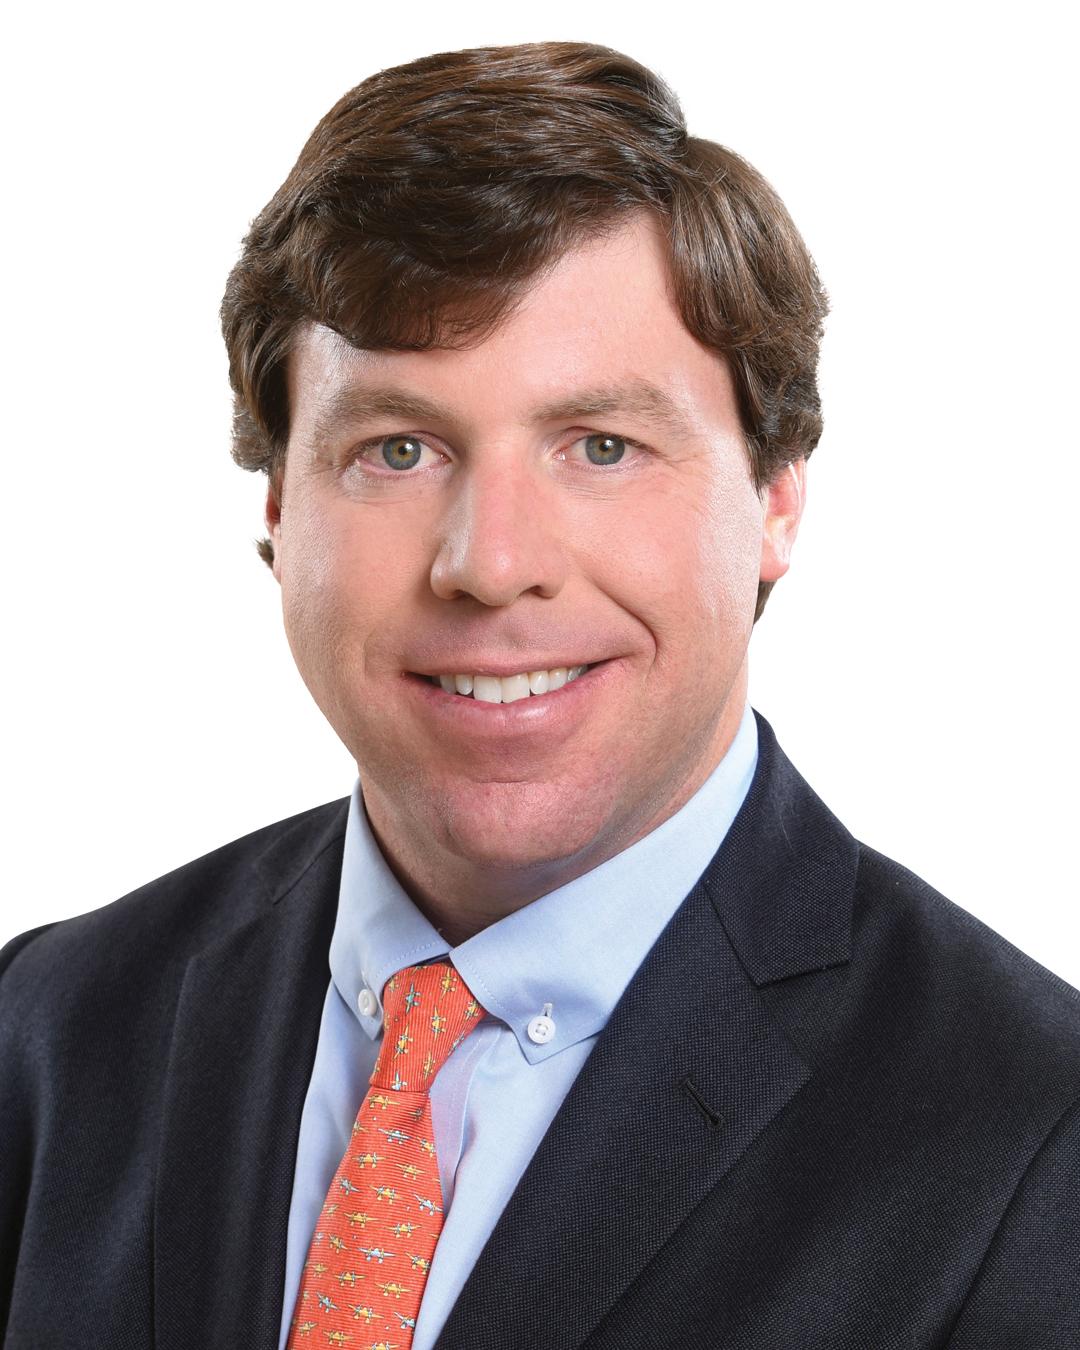 Atlanta 500: Alexander C. Taylor